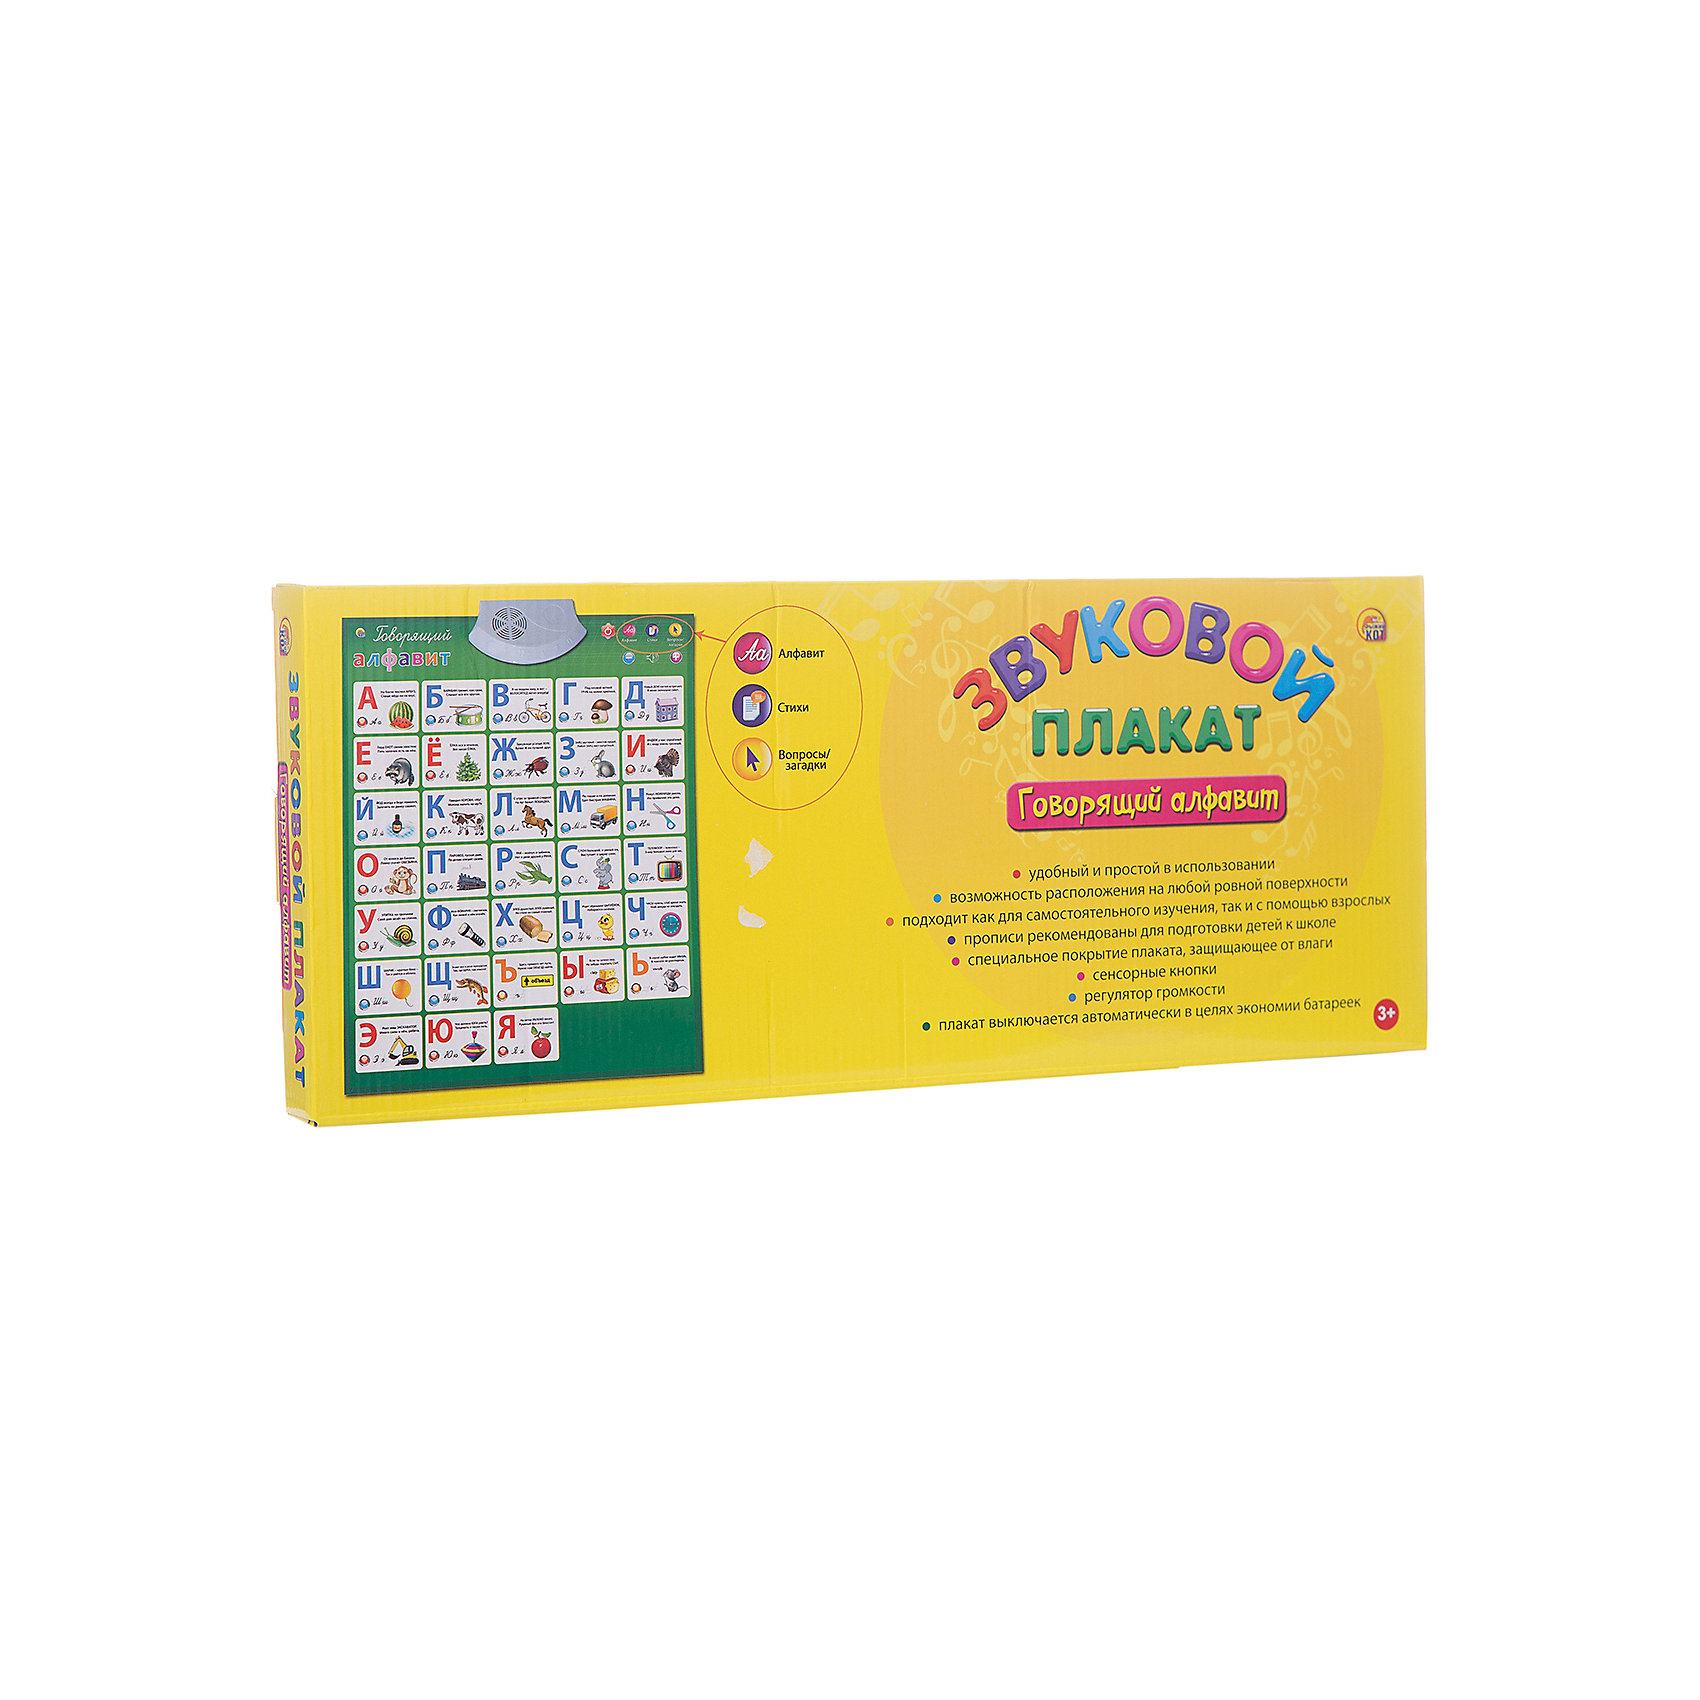 Звуковой плакат Говорящий алфавитПлакаты и карты<br>Звуковой плакат Говорящий алфавит – это эффективное пособие для обучения детей буквам алфавита!<br>Развивающий звуковой плакат Говорящий алфавит позволит в игровой форме выучить алфавит, а затем проверить, насколько хорошо были усвоены полученные знания. Плакат прост и удобен в использовании, влагостойкий, подходит как для самостоятельного изучения, так и при помощи взрослых, располагается на любой ровной поверхности, содержит кнопки регулятора громкости, а также режим автоматического выключения в целях экономии батареек.<br><br>Дополнительная информация:<br><br>- Материал: пластмасса, полимерная плёнка<br>- Размер плаката: 47,5 х 59 см.<br>- Батарейки: 3 батарейки ААА (входят в комплект)<br>- Размер упаковки: 20 х 4 х 49 см.<br><br>Звуковой плакат Говорящий алфавит можно купить в нашем интернет-магазине.<br><br>Ширина мм: 200<br>Глубина мм: 40<br>Высота мм: 490<br>Вес г: 400<br>Возраст от месяцев: 36<br>Возраст до месяцев: 60<br>Пол: Унисекс<br>Возраст: Детский<br>SKU: 4214641